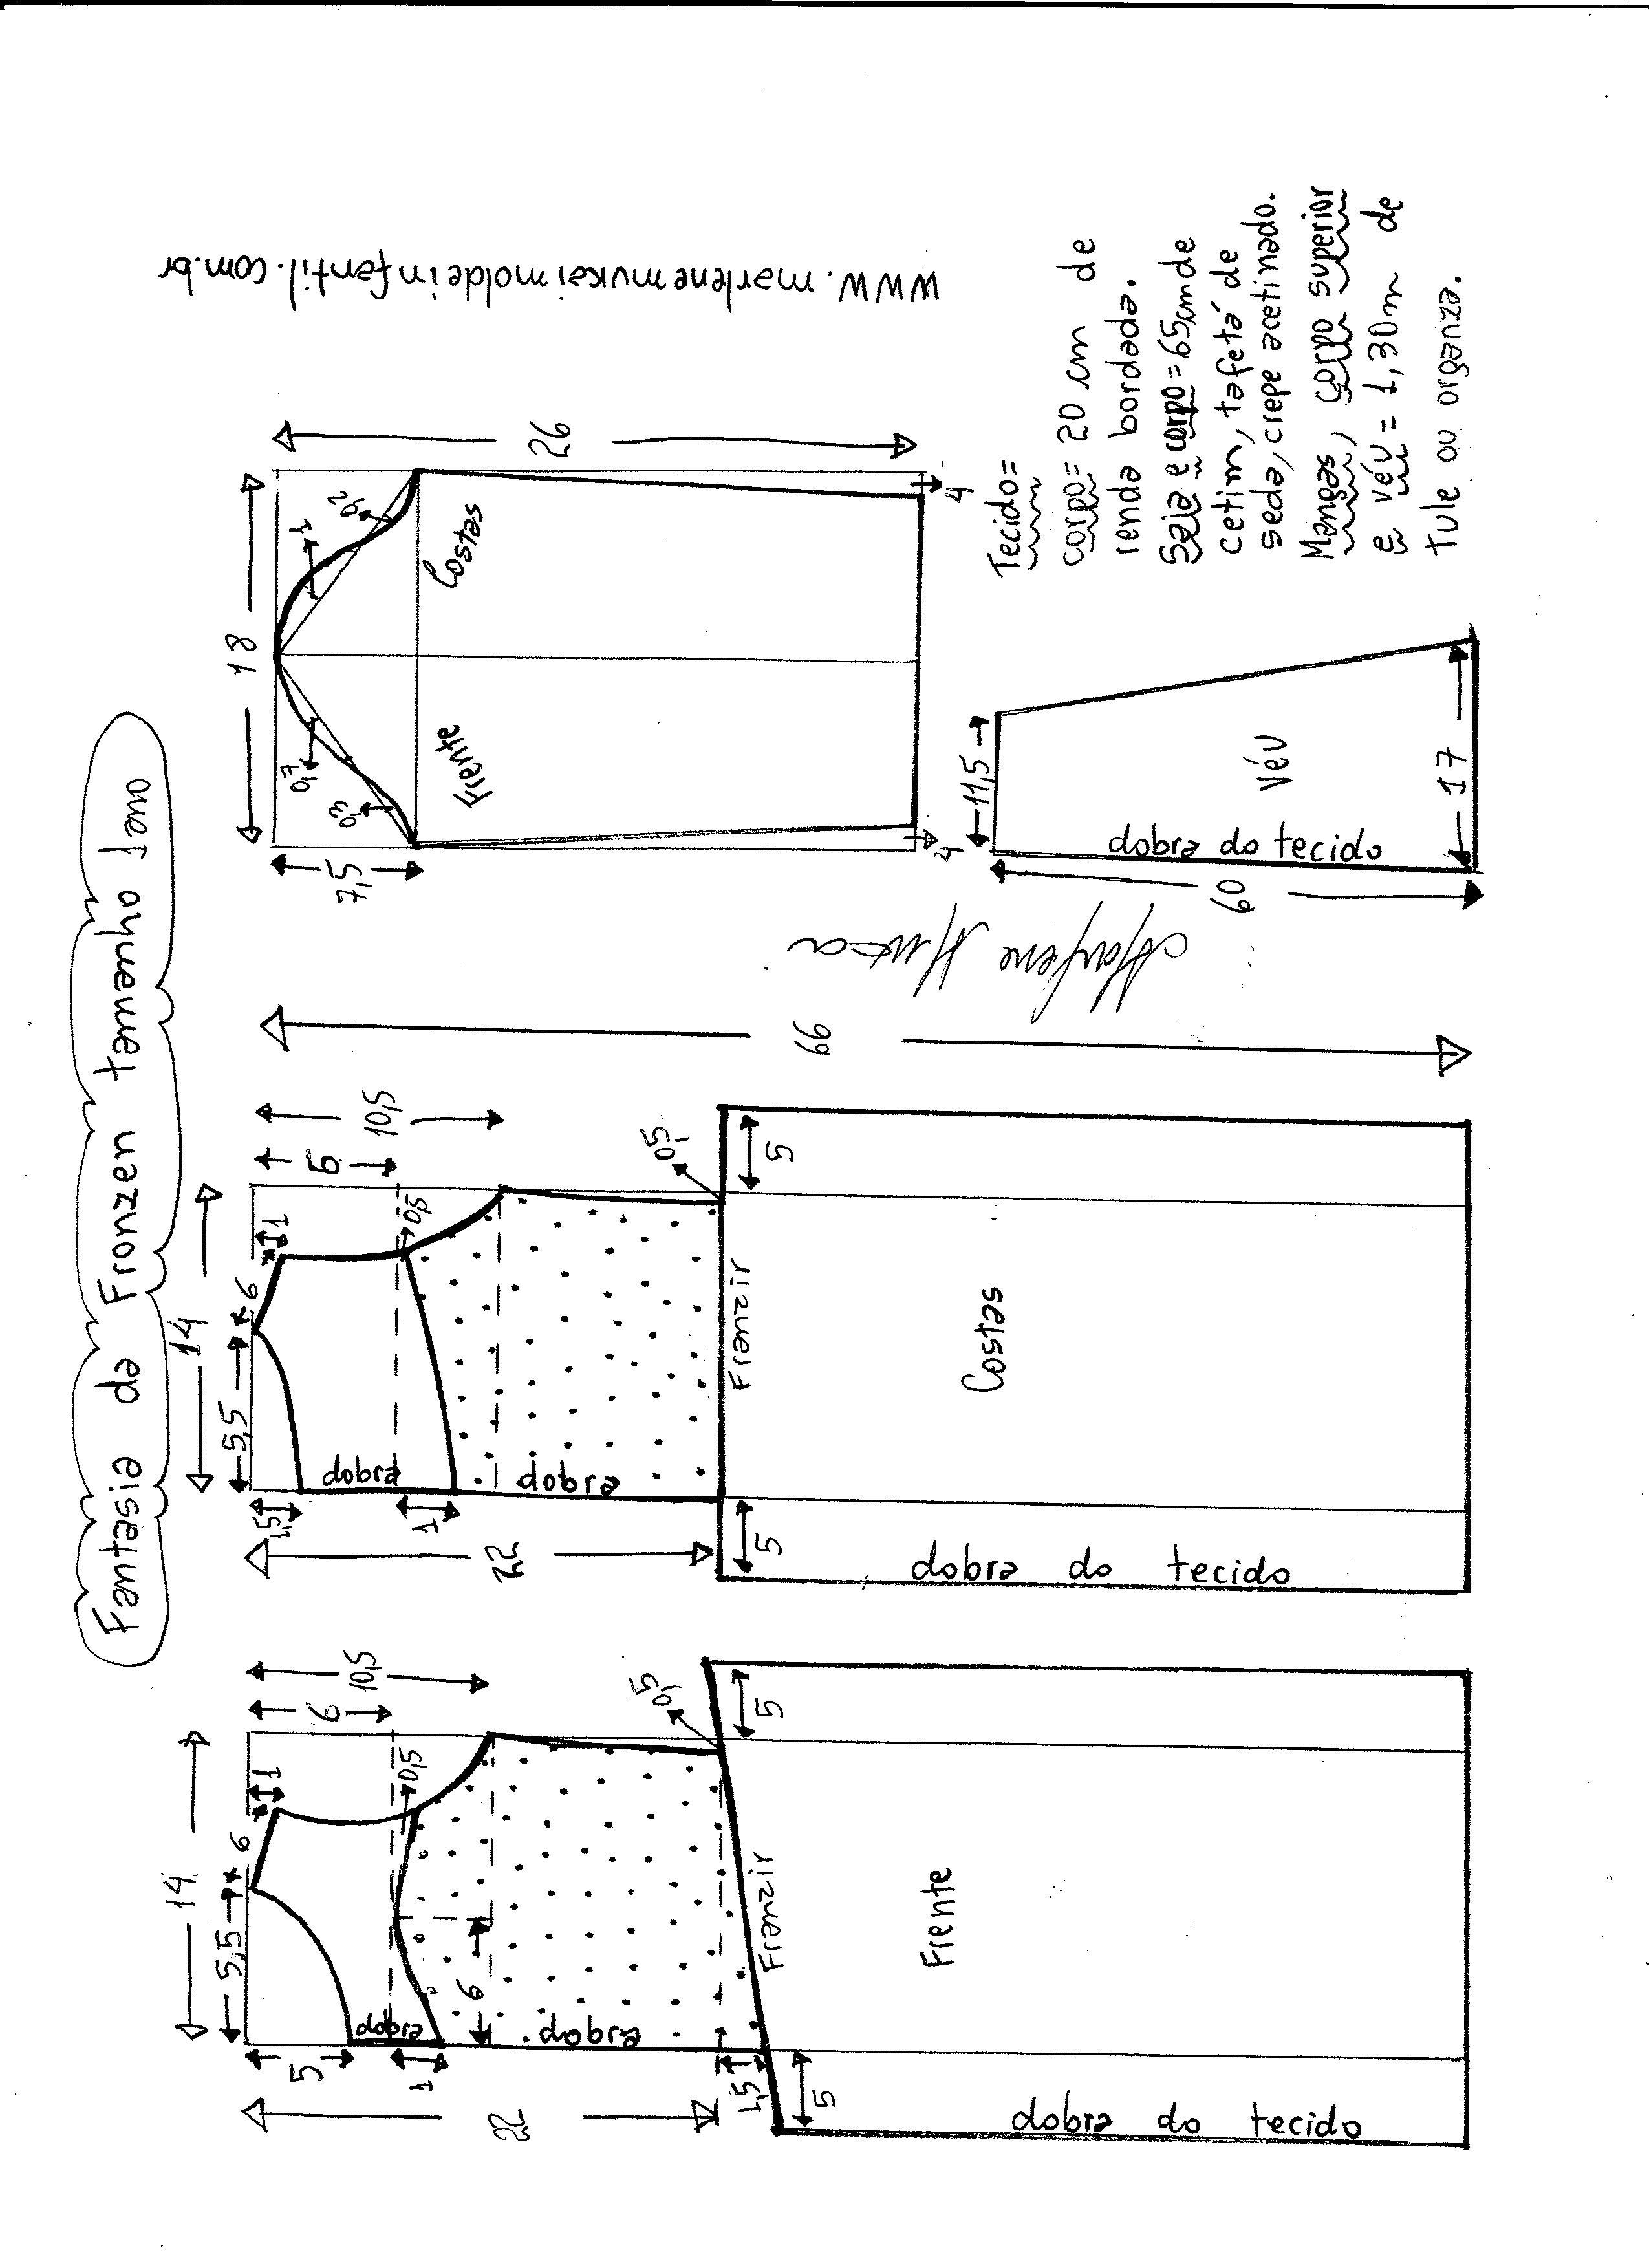 Esquema de modelagem de vestido fantasia fronzen tamanho 1